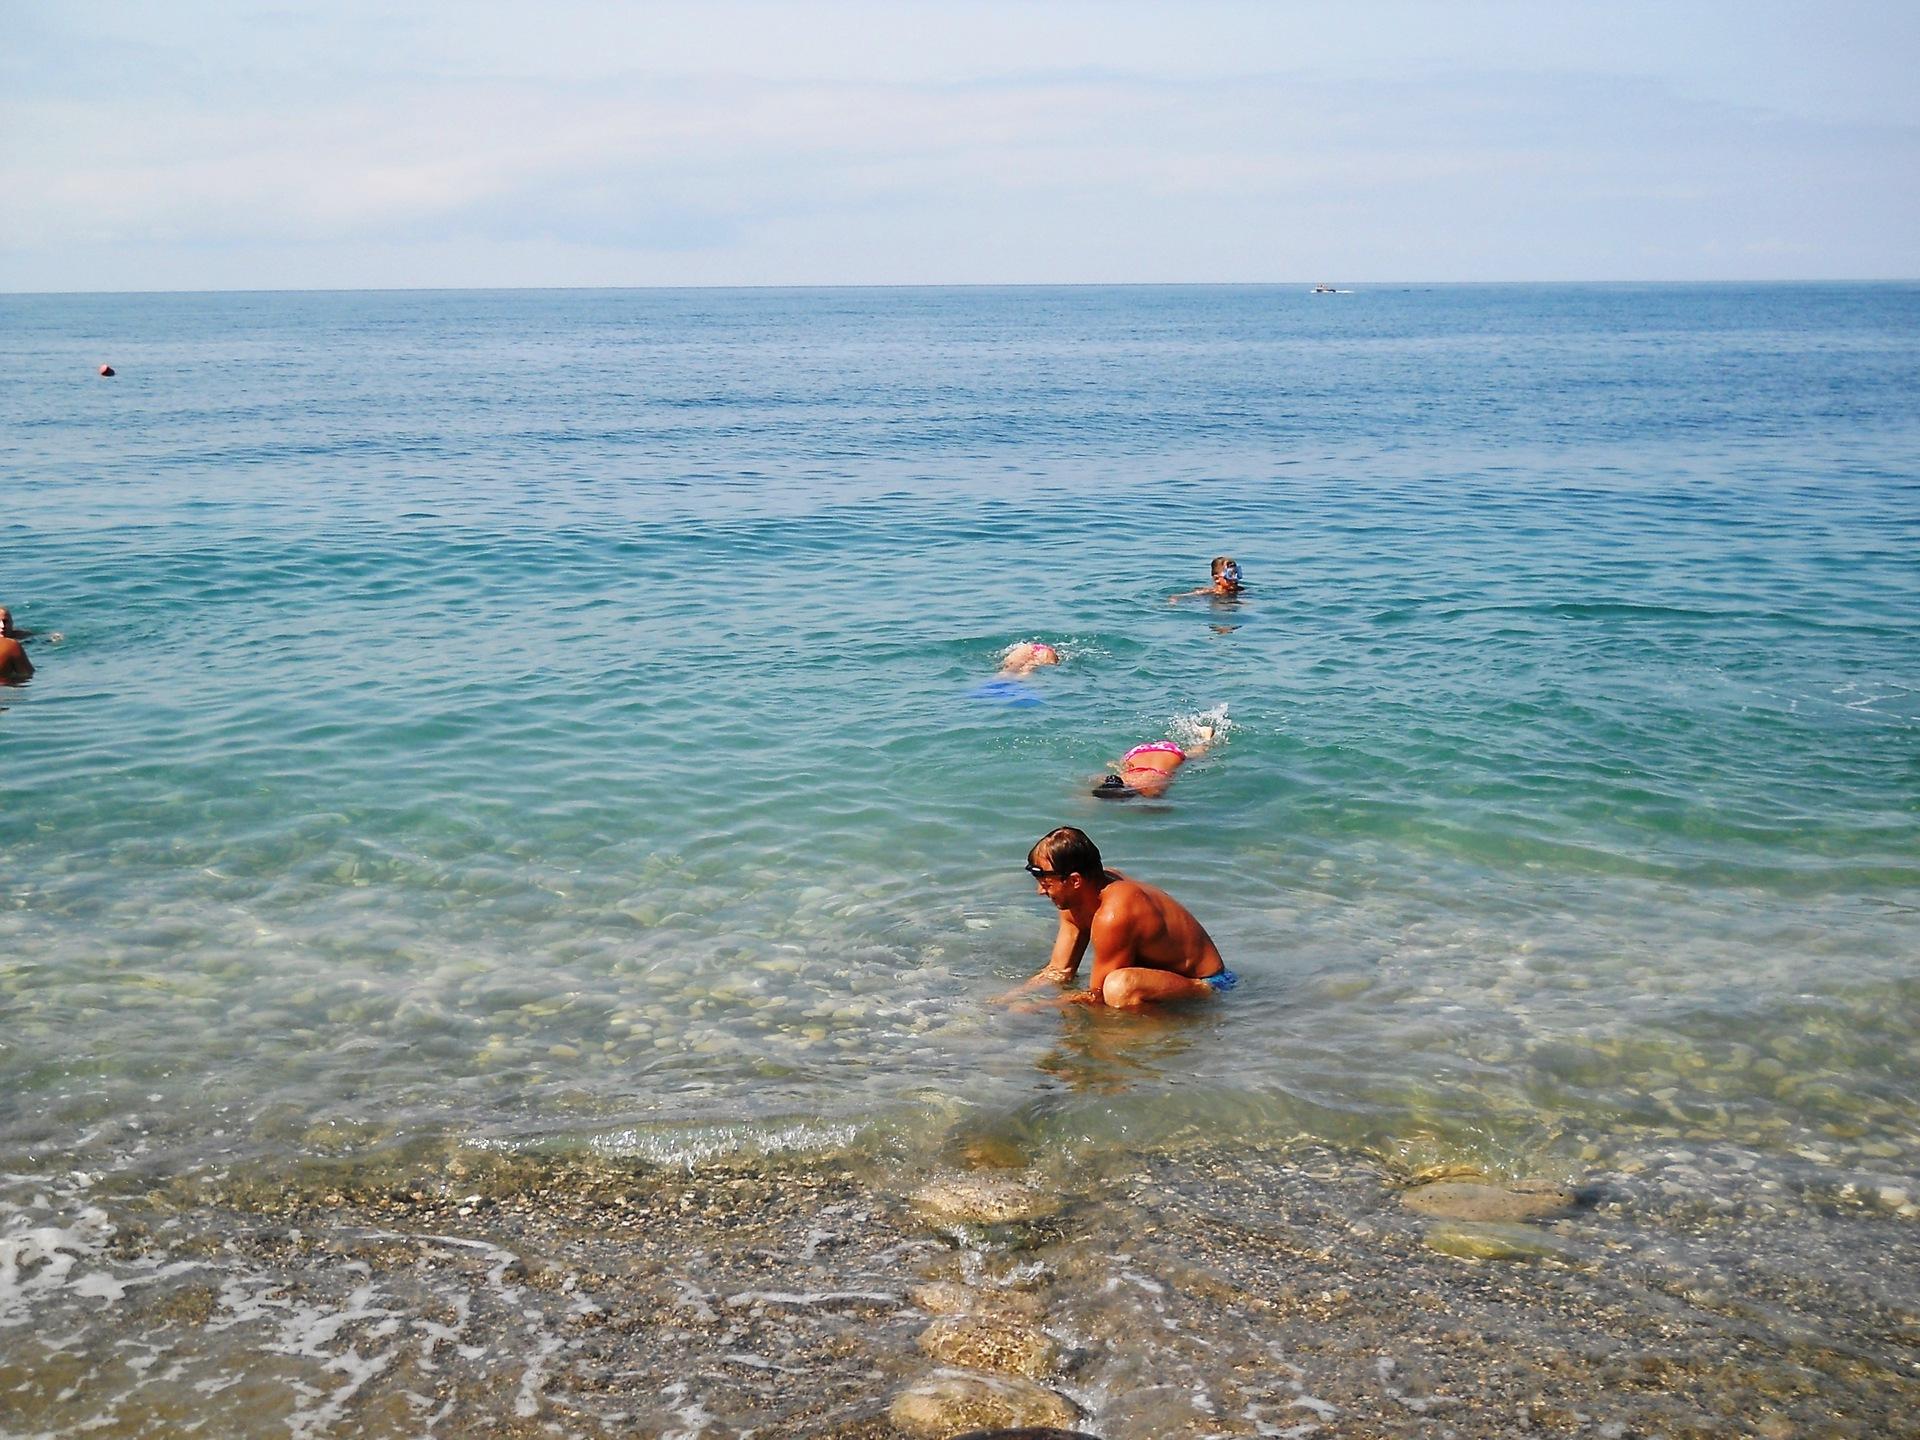 фото детей на фоне моря